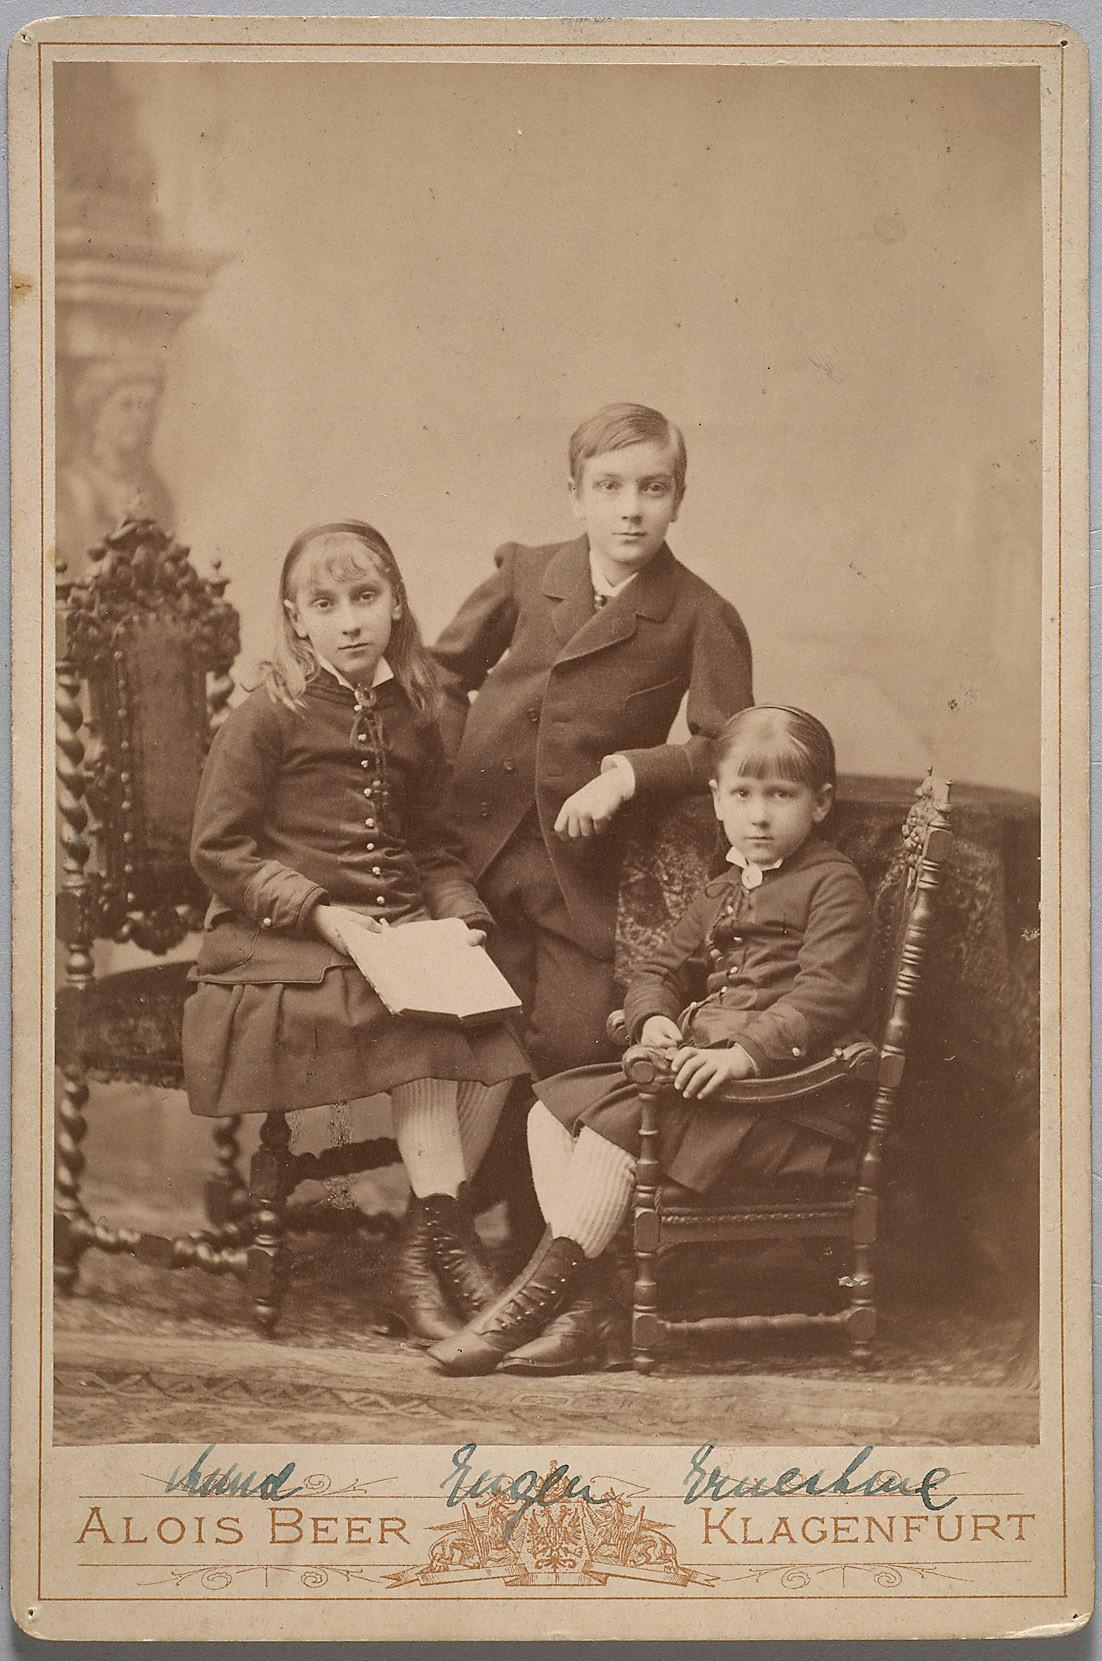 Familie Bellschan von Mildenburg von Hermann Bahr